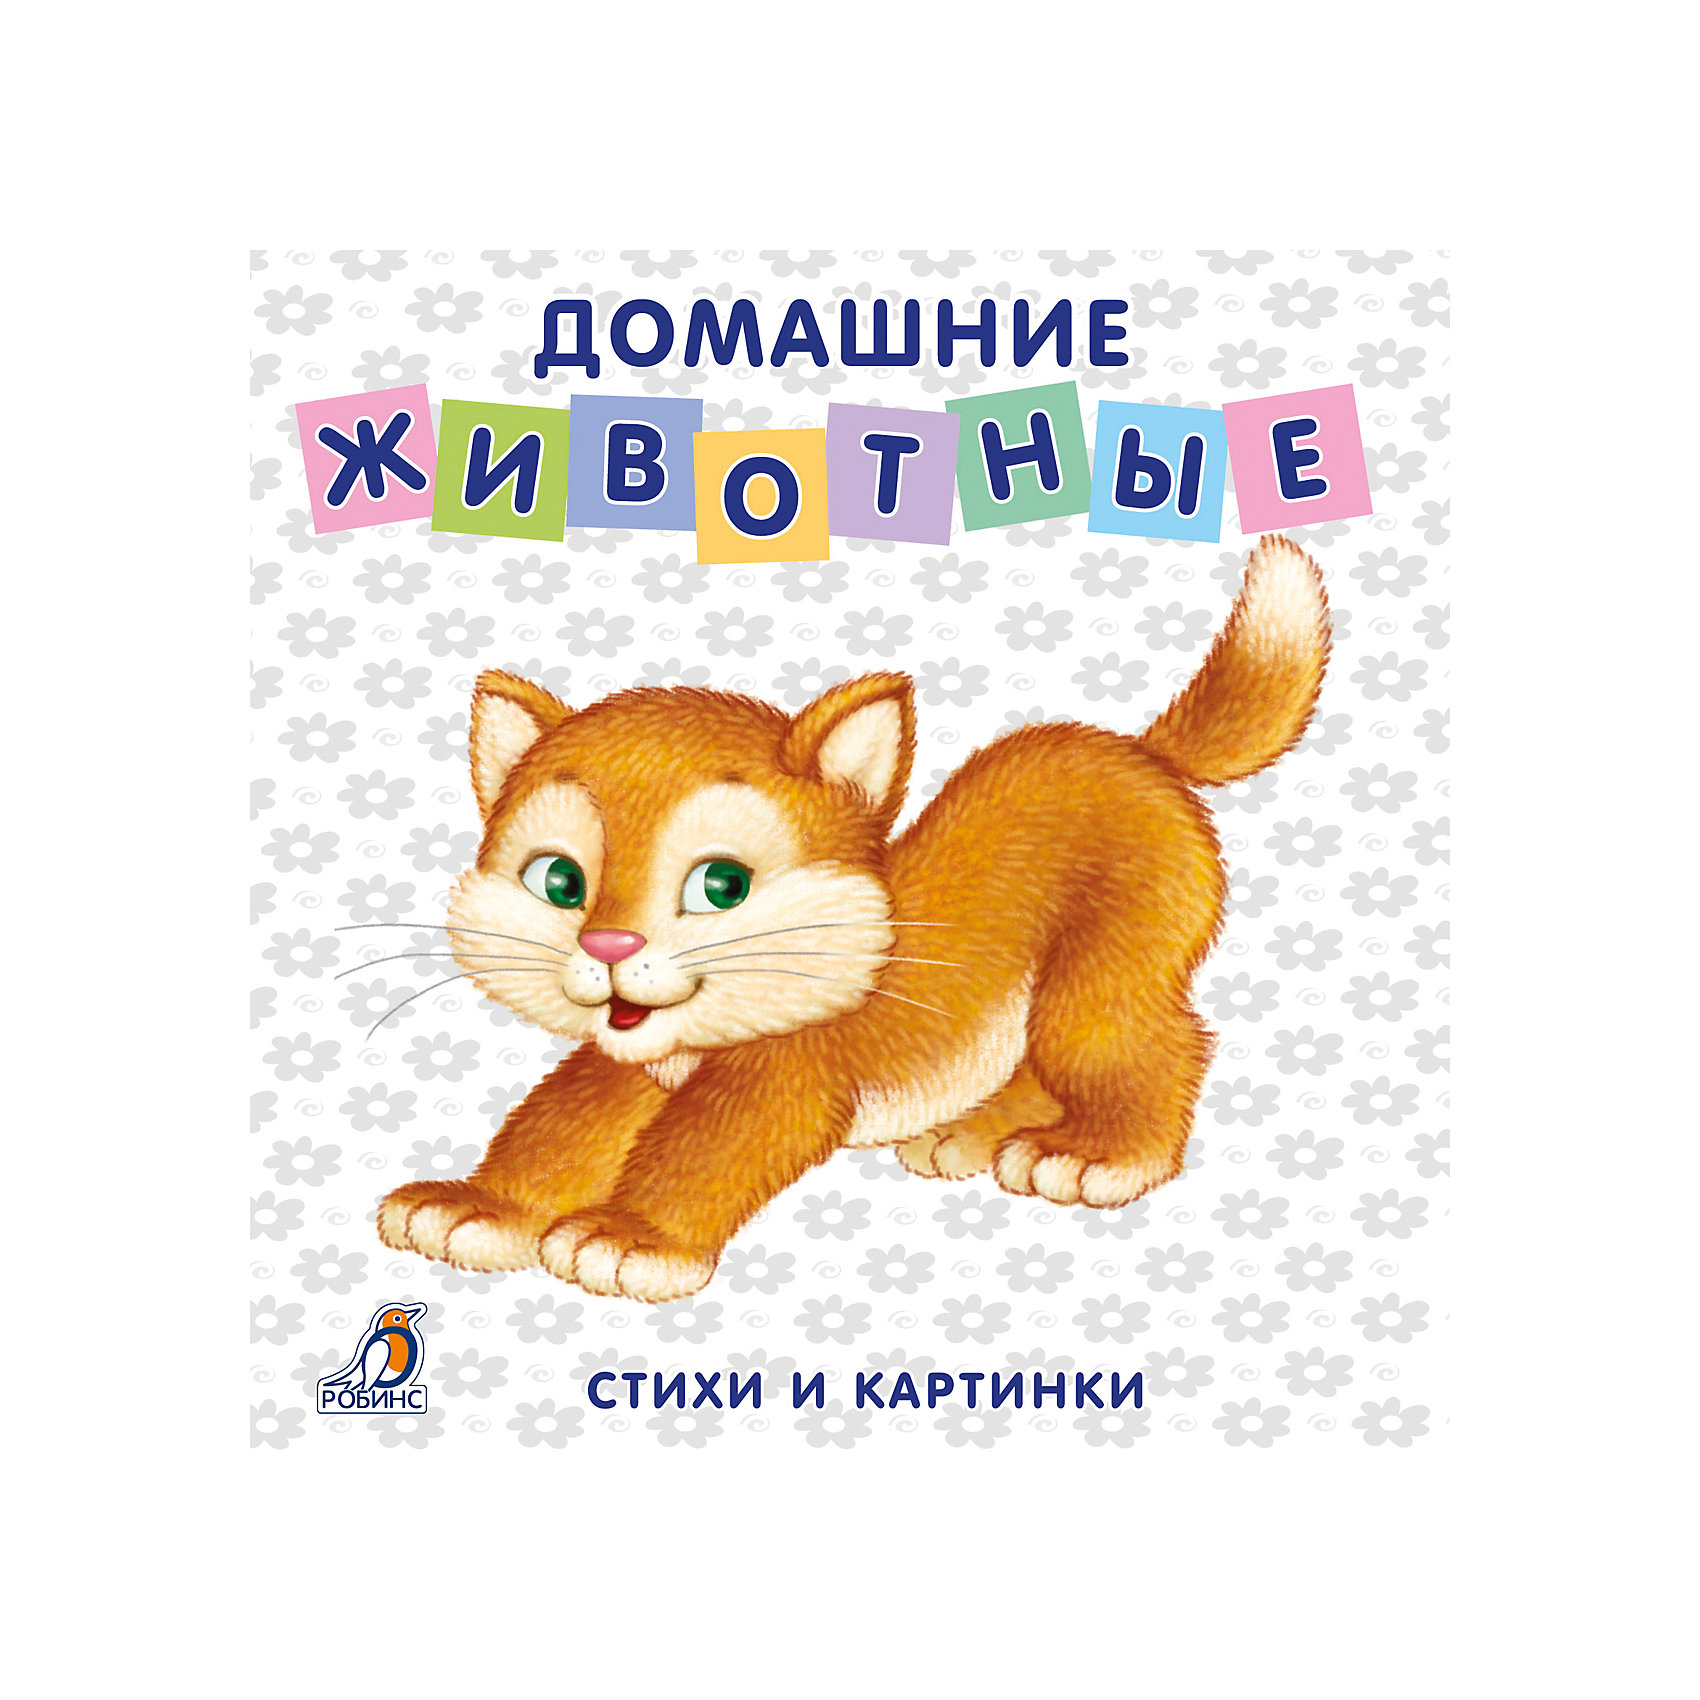 Книжки-картонки Домашние животныеПервые книги малыша<br>Это настоящий подарок для любопытного и любознательного малыша. На каждой страничке книжки ваш ребёнок найдёт яркие картинки и добрые стихи и впервые познакомится с домашними животными. Играя с яркими книжками, он будет развивать мелкую моторику и зрение, тренировать память, внимание и мышление. С книжкой малыш весело проведёт время и пополнит свой первый<br>словарный запас и кругозор, повысит свою эмоциональную активность.<br><br>Ширина мм: 140<br>Глубина мм: 140<br>Высота мм: 13<br>Вес г: 140<br>Возраст от месяцев: 12<br>Возраст до месяцев: 60<br>Пол: Унисекс<br>Возраст: Детский<br>SKU: 5034134